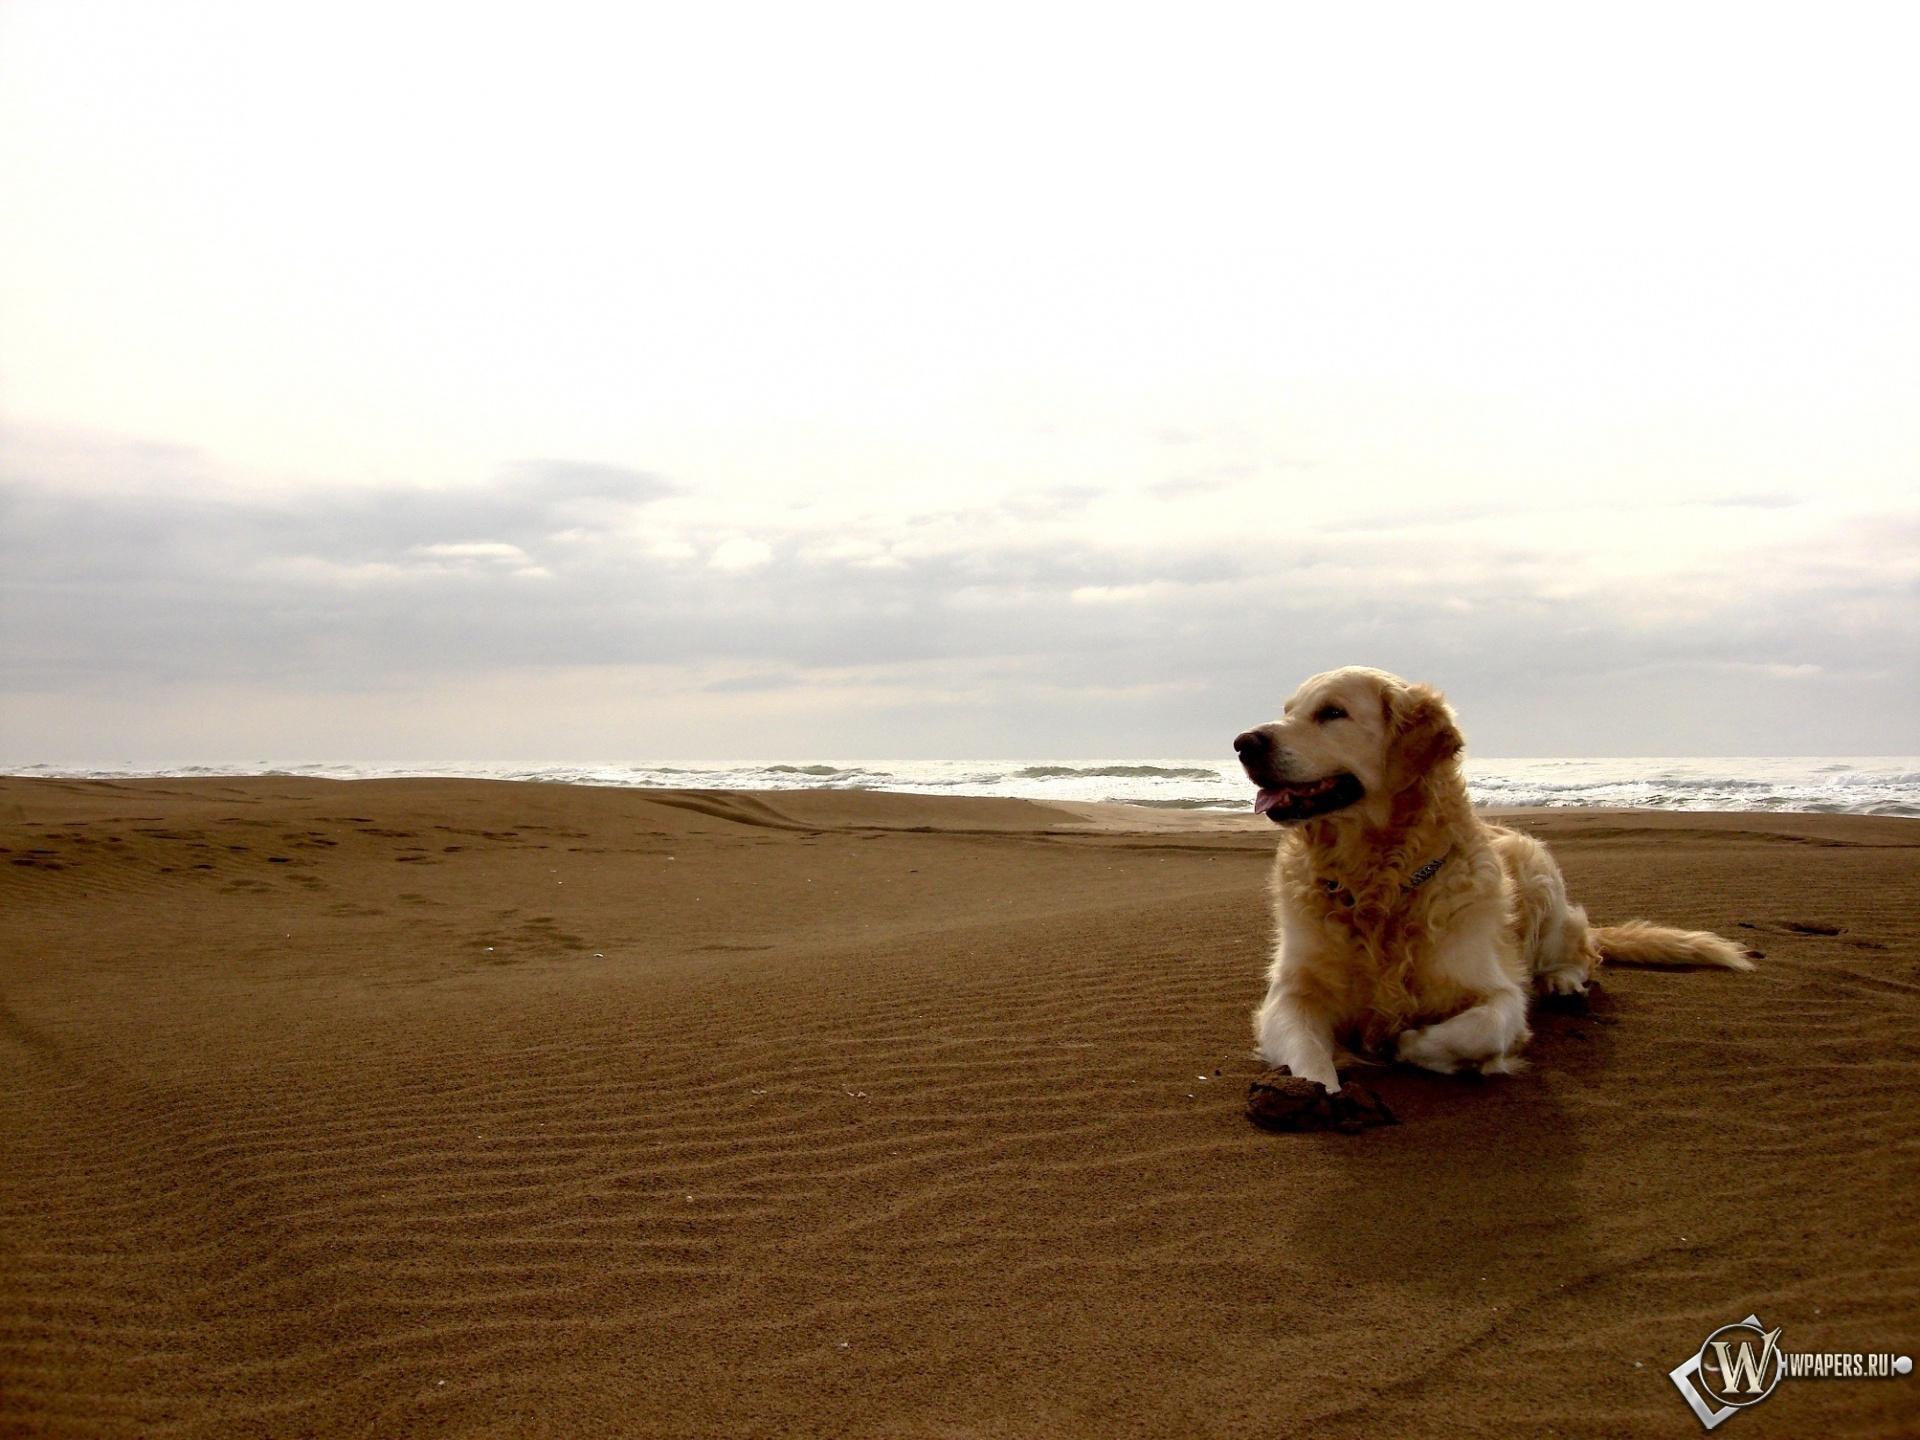 Лабрадор на песке 1920x1440